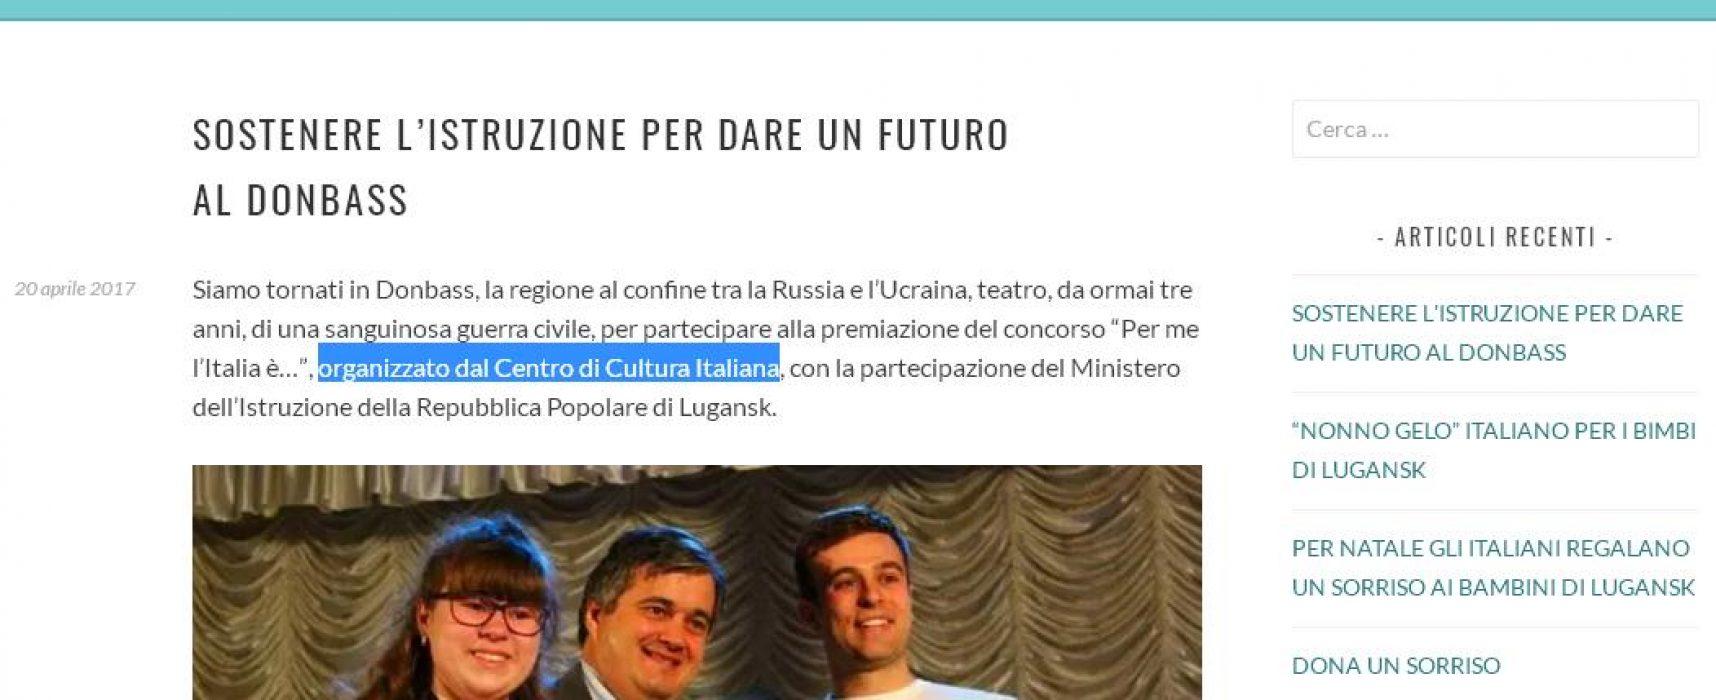 Il Centro di Cultura Italiana nega di aver organizzato a Lugansk